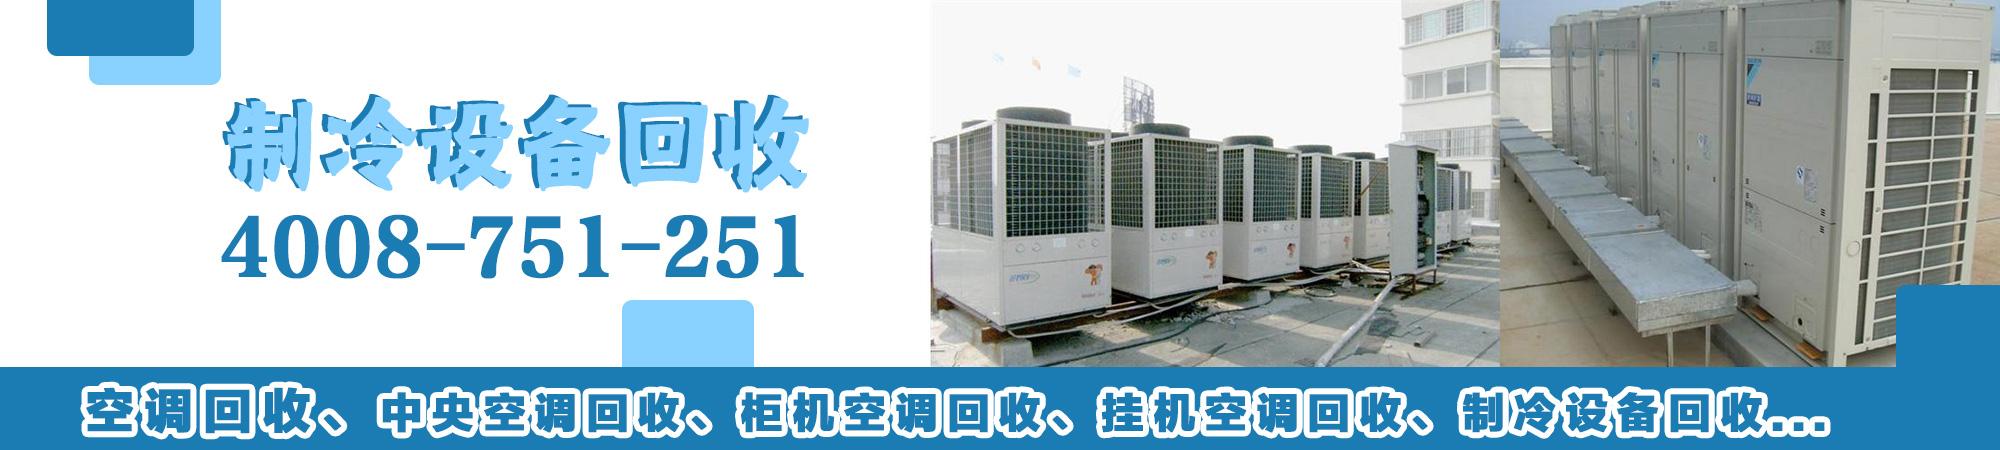 苏州回收中央空调,苏州制冷设备回收